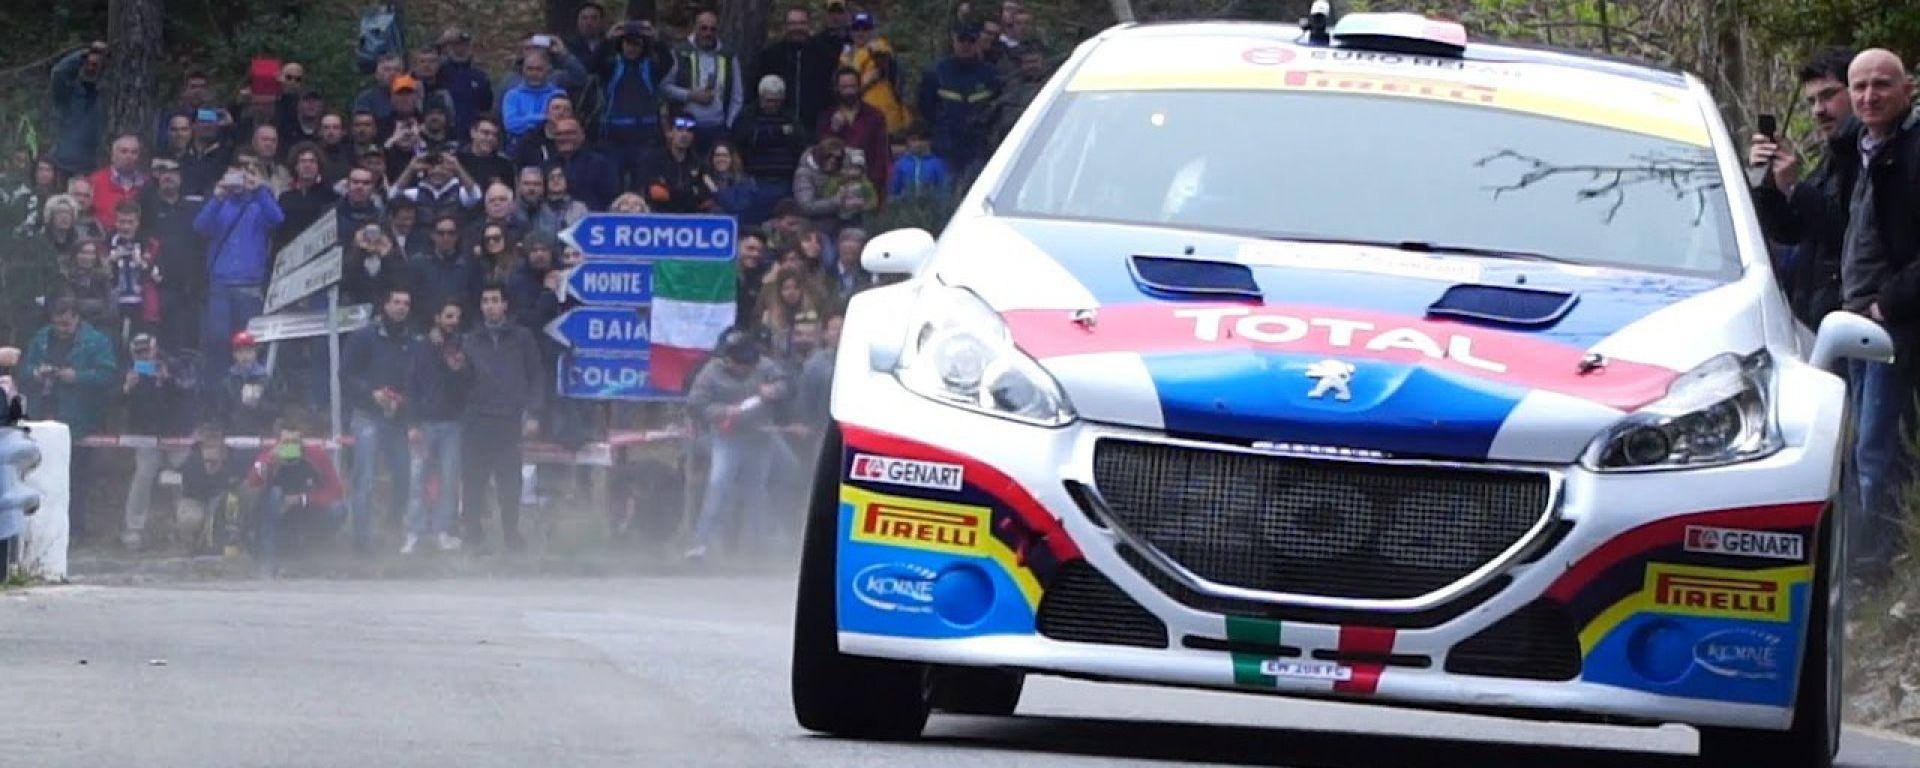 Campionato Italiano Rally: il Calendario 2016